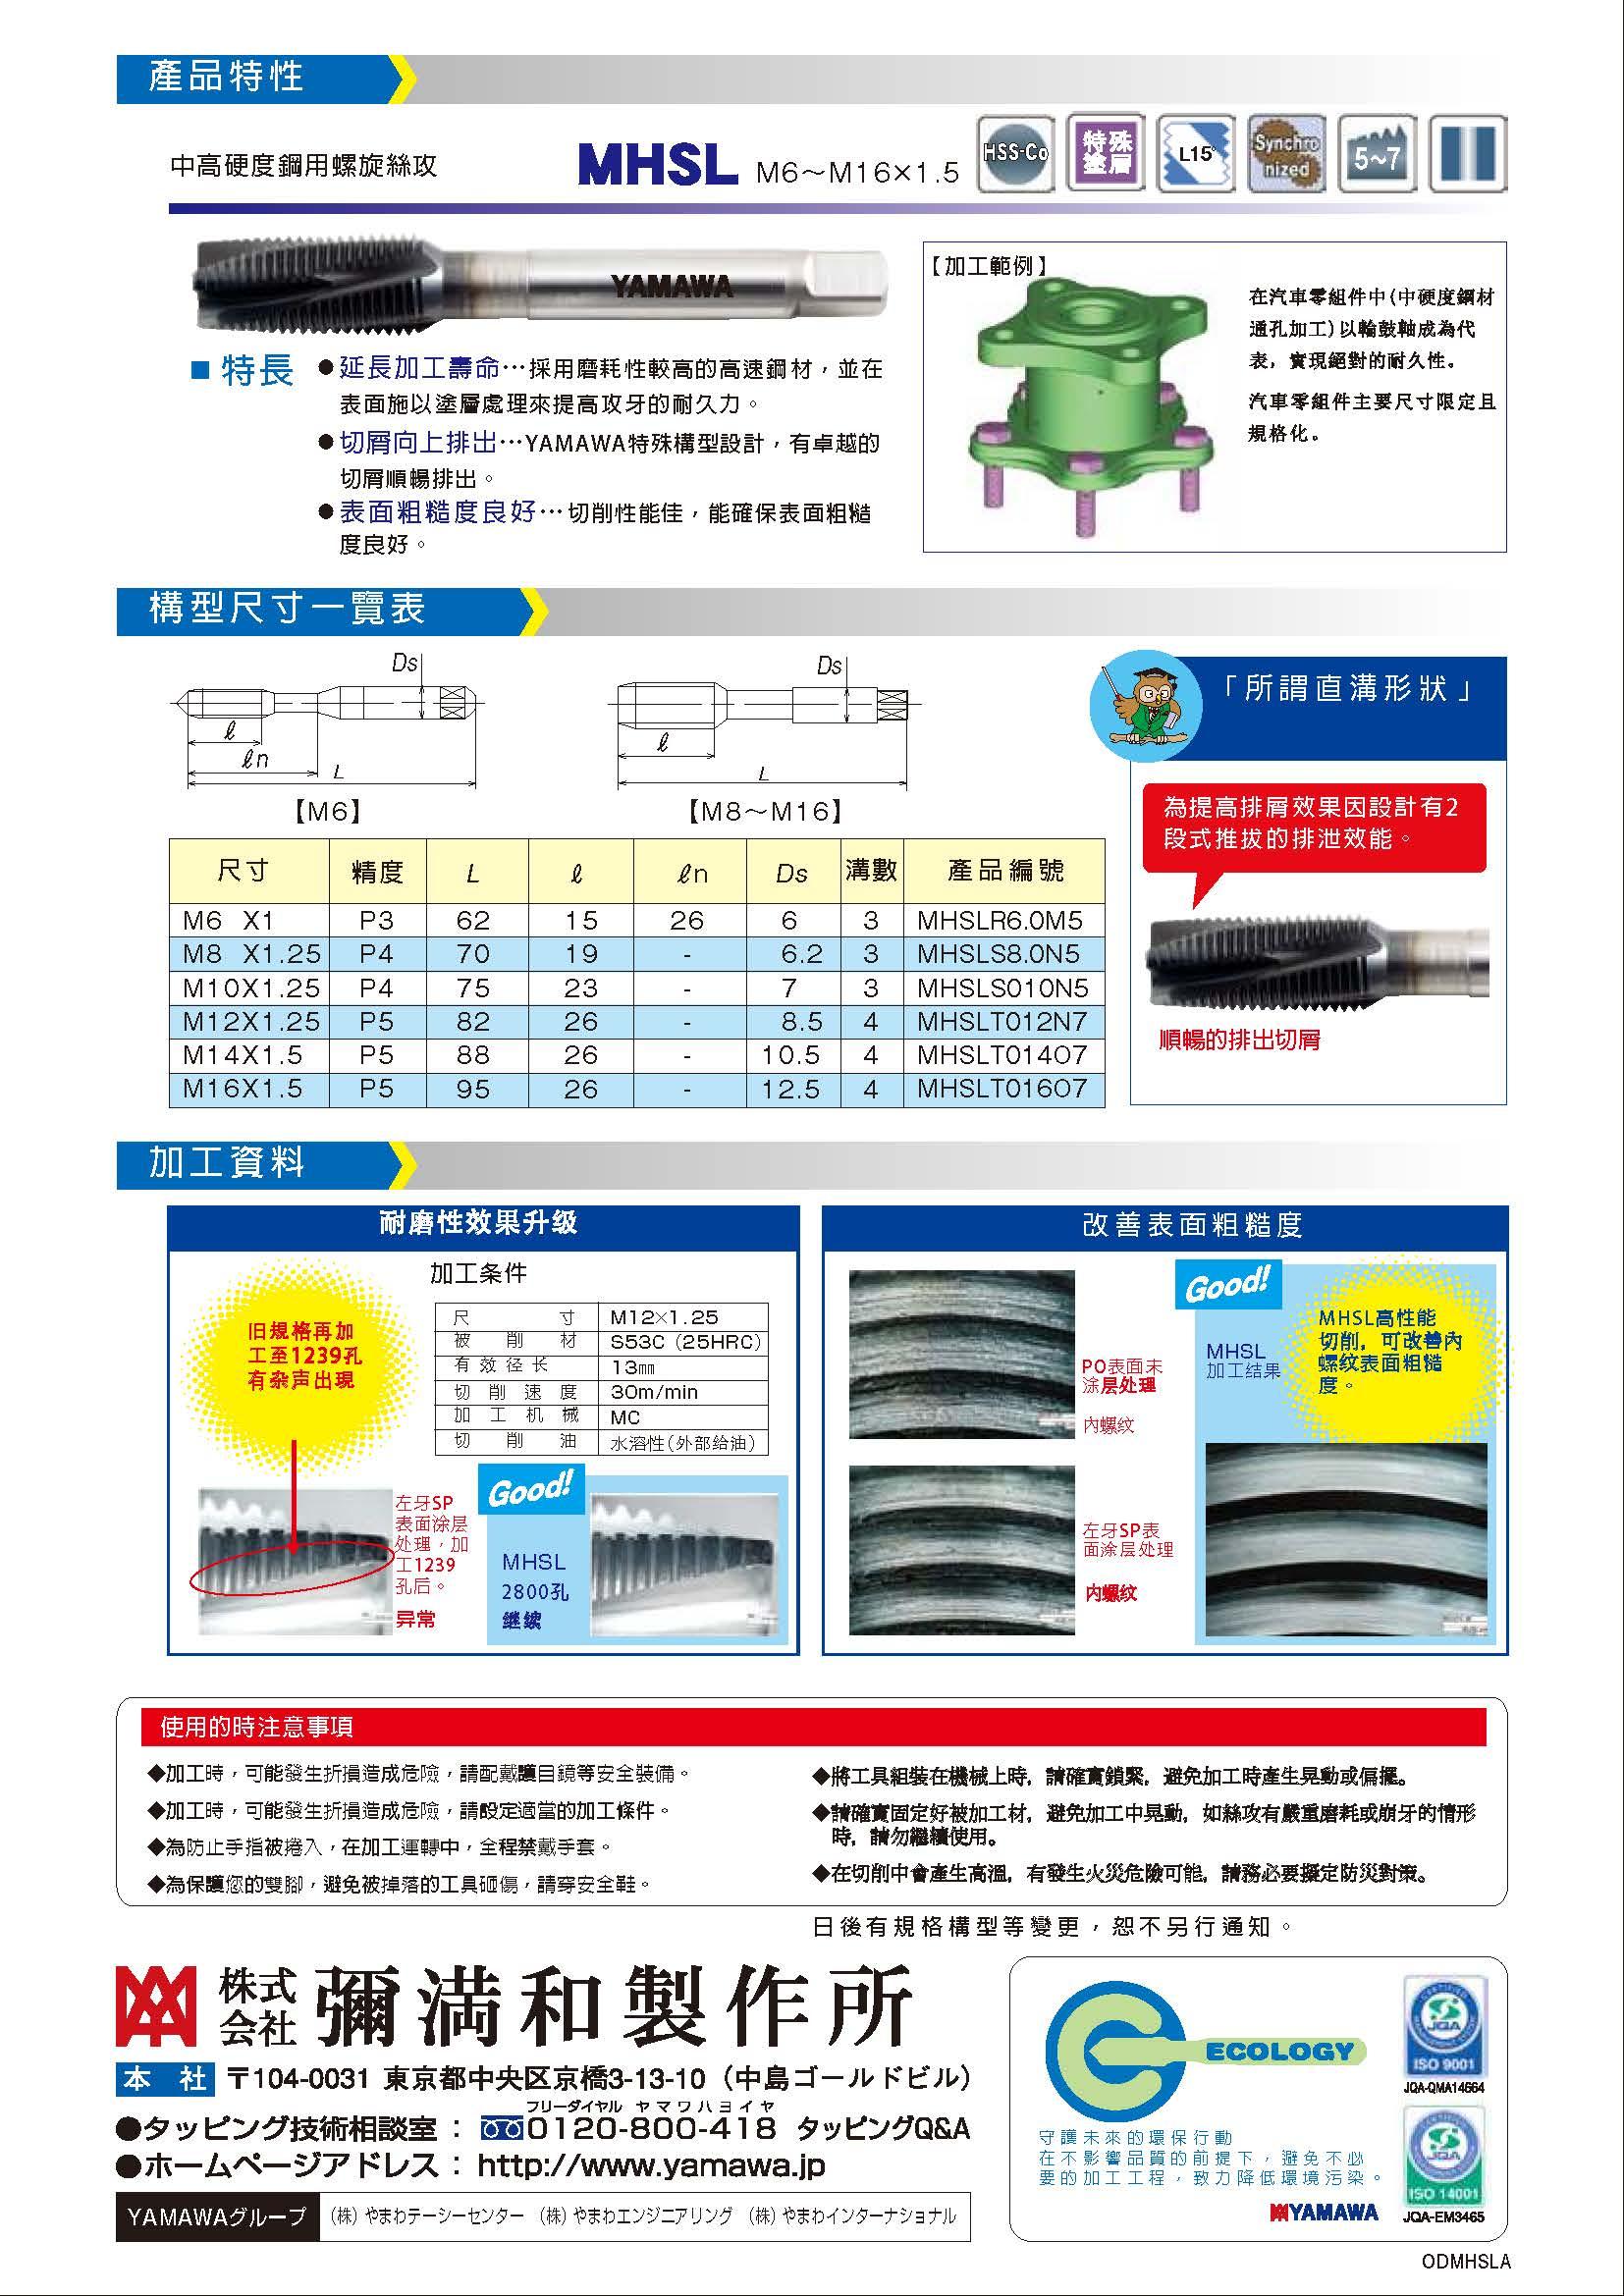 頁面提取自--中MHSL-2